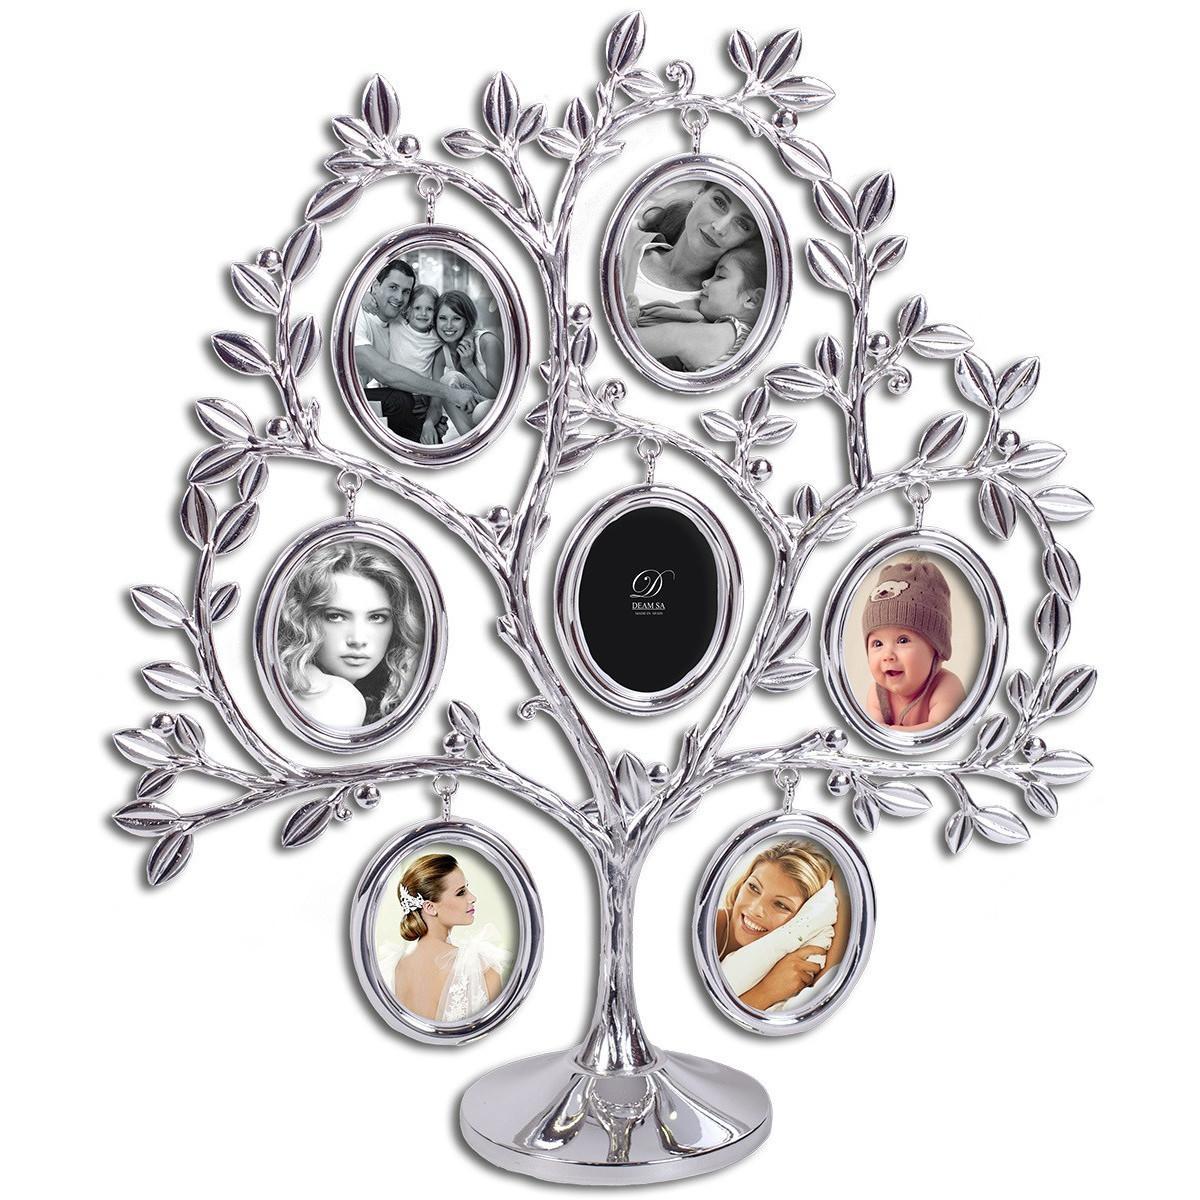 arbol-genealogico-siete-fotos-ovaladas-plateado-deamsa-07458-lomejorsg.jpg